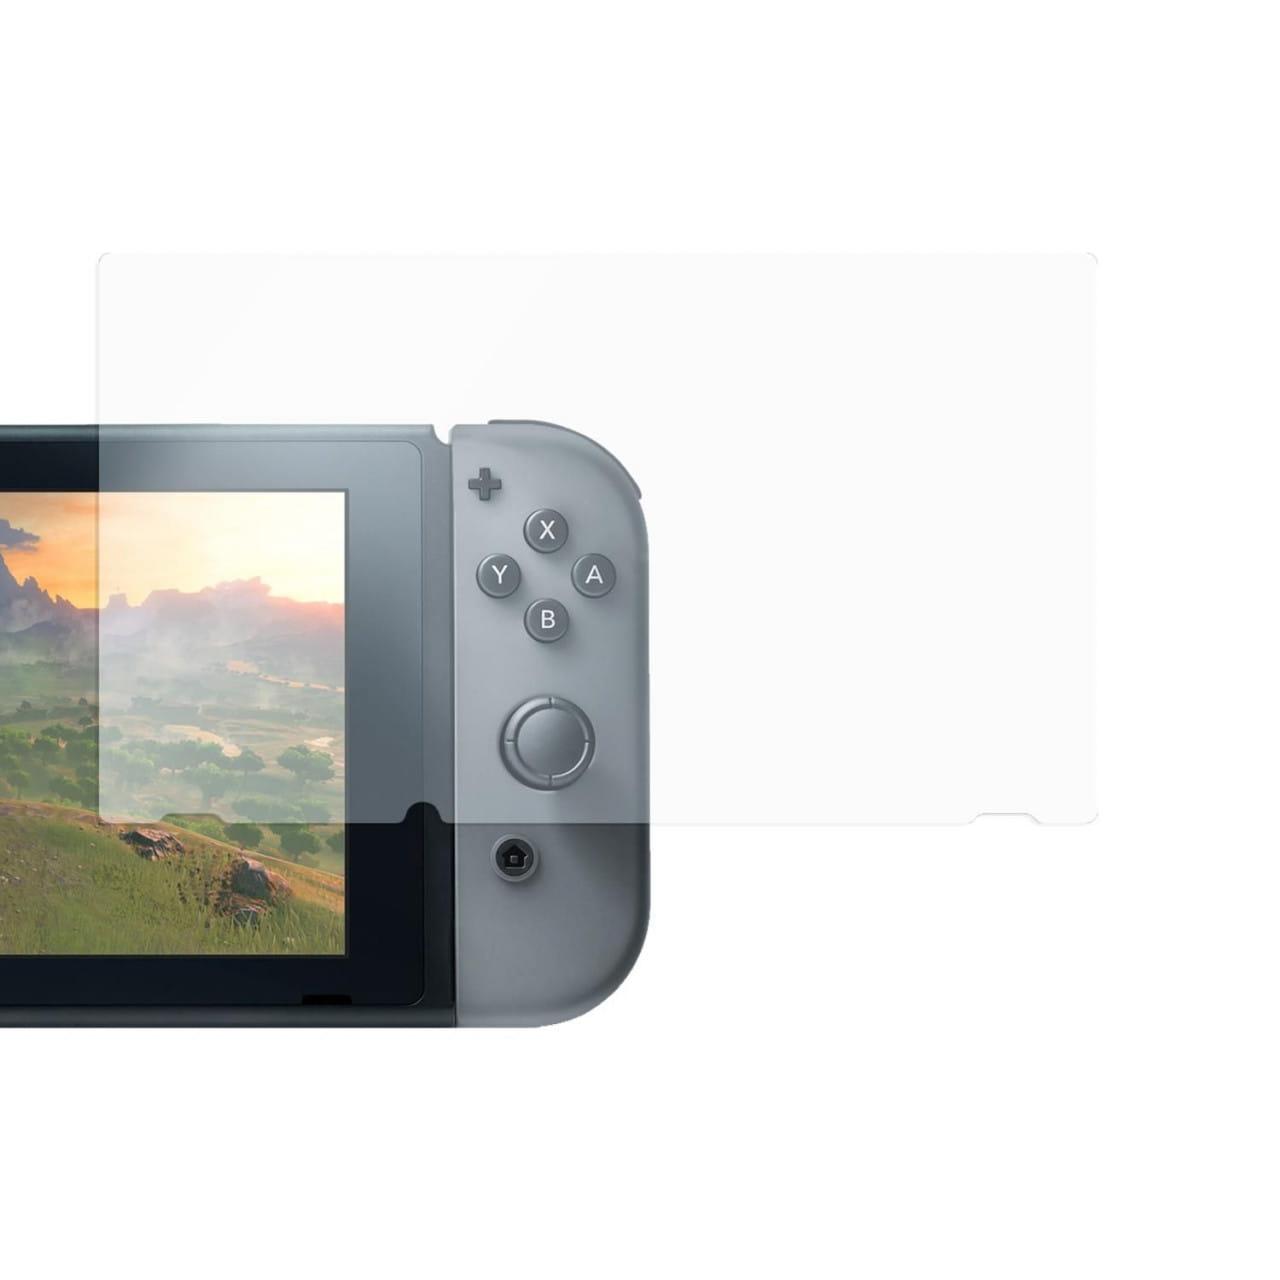 Displayschutzfolie für Nintendo Switch (9H Glas kratzfest glasklar)